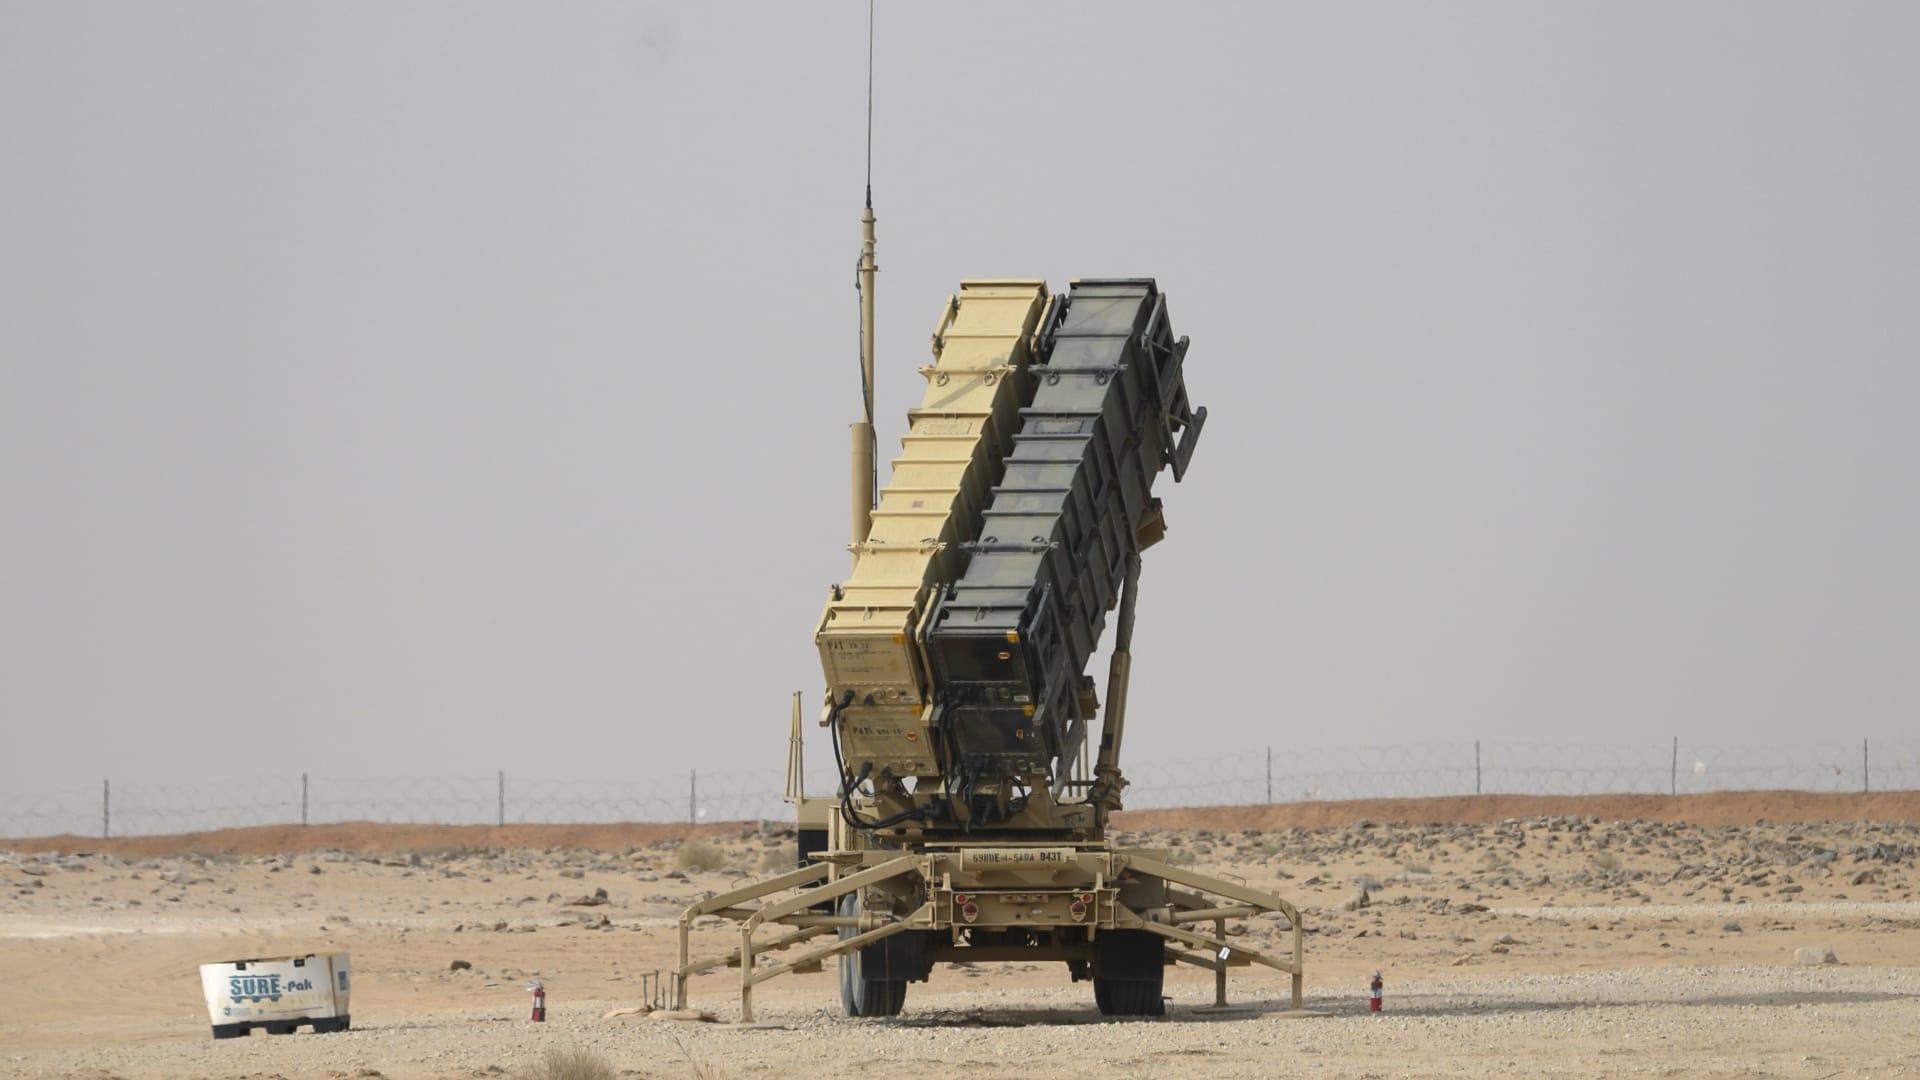 طارية صاروخ باتريوت بالقرب من قاعدة الأمير سلطان الجوية في الخرج - 20 فبراير 2020